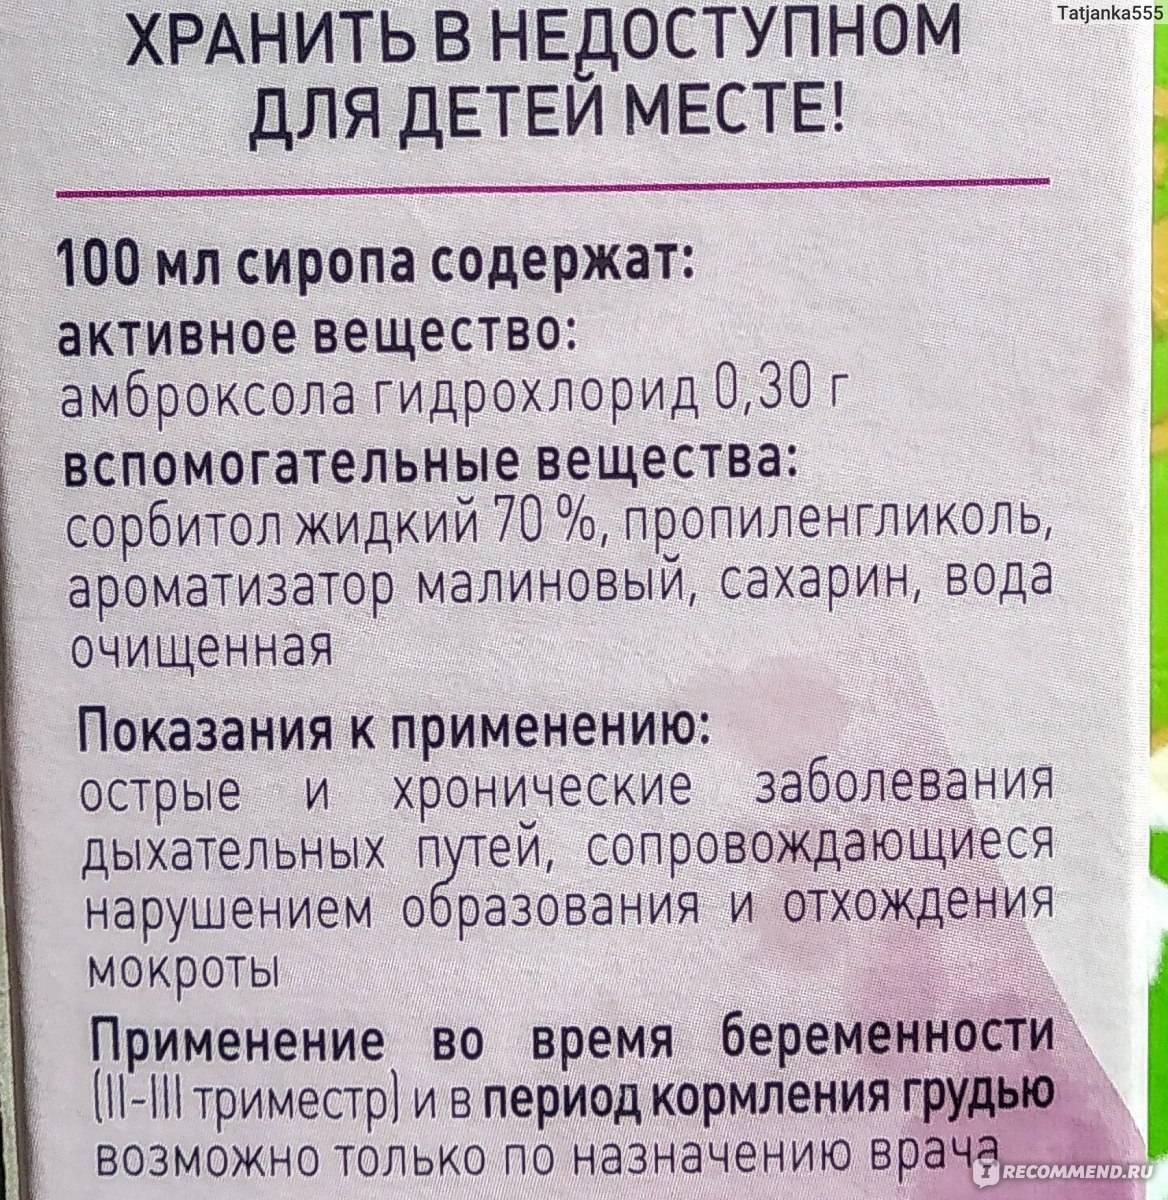 Сироп от кашля при беременности:  прием лекарственных препаратов при беременности